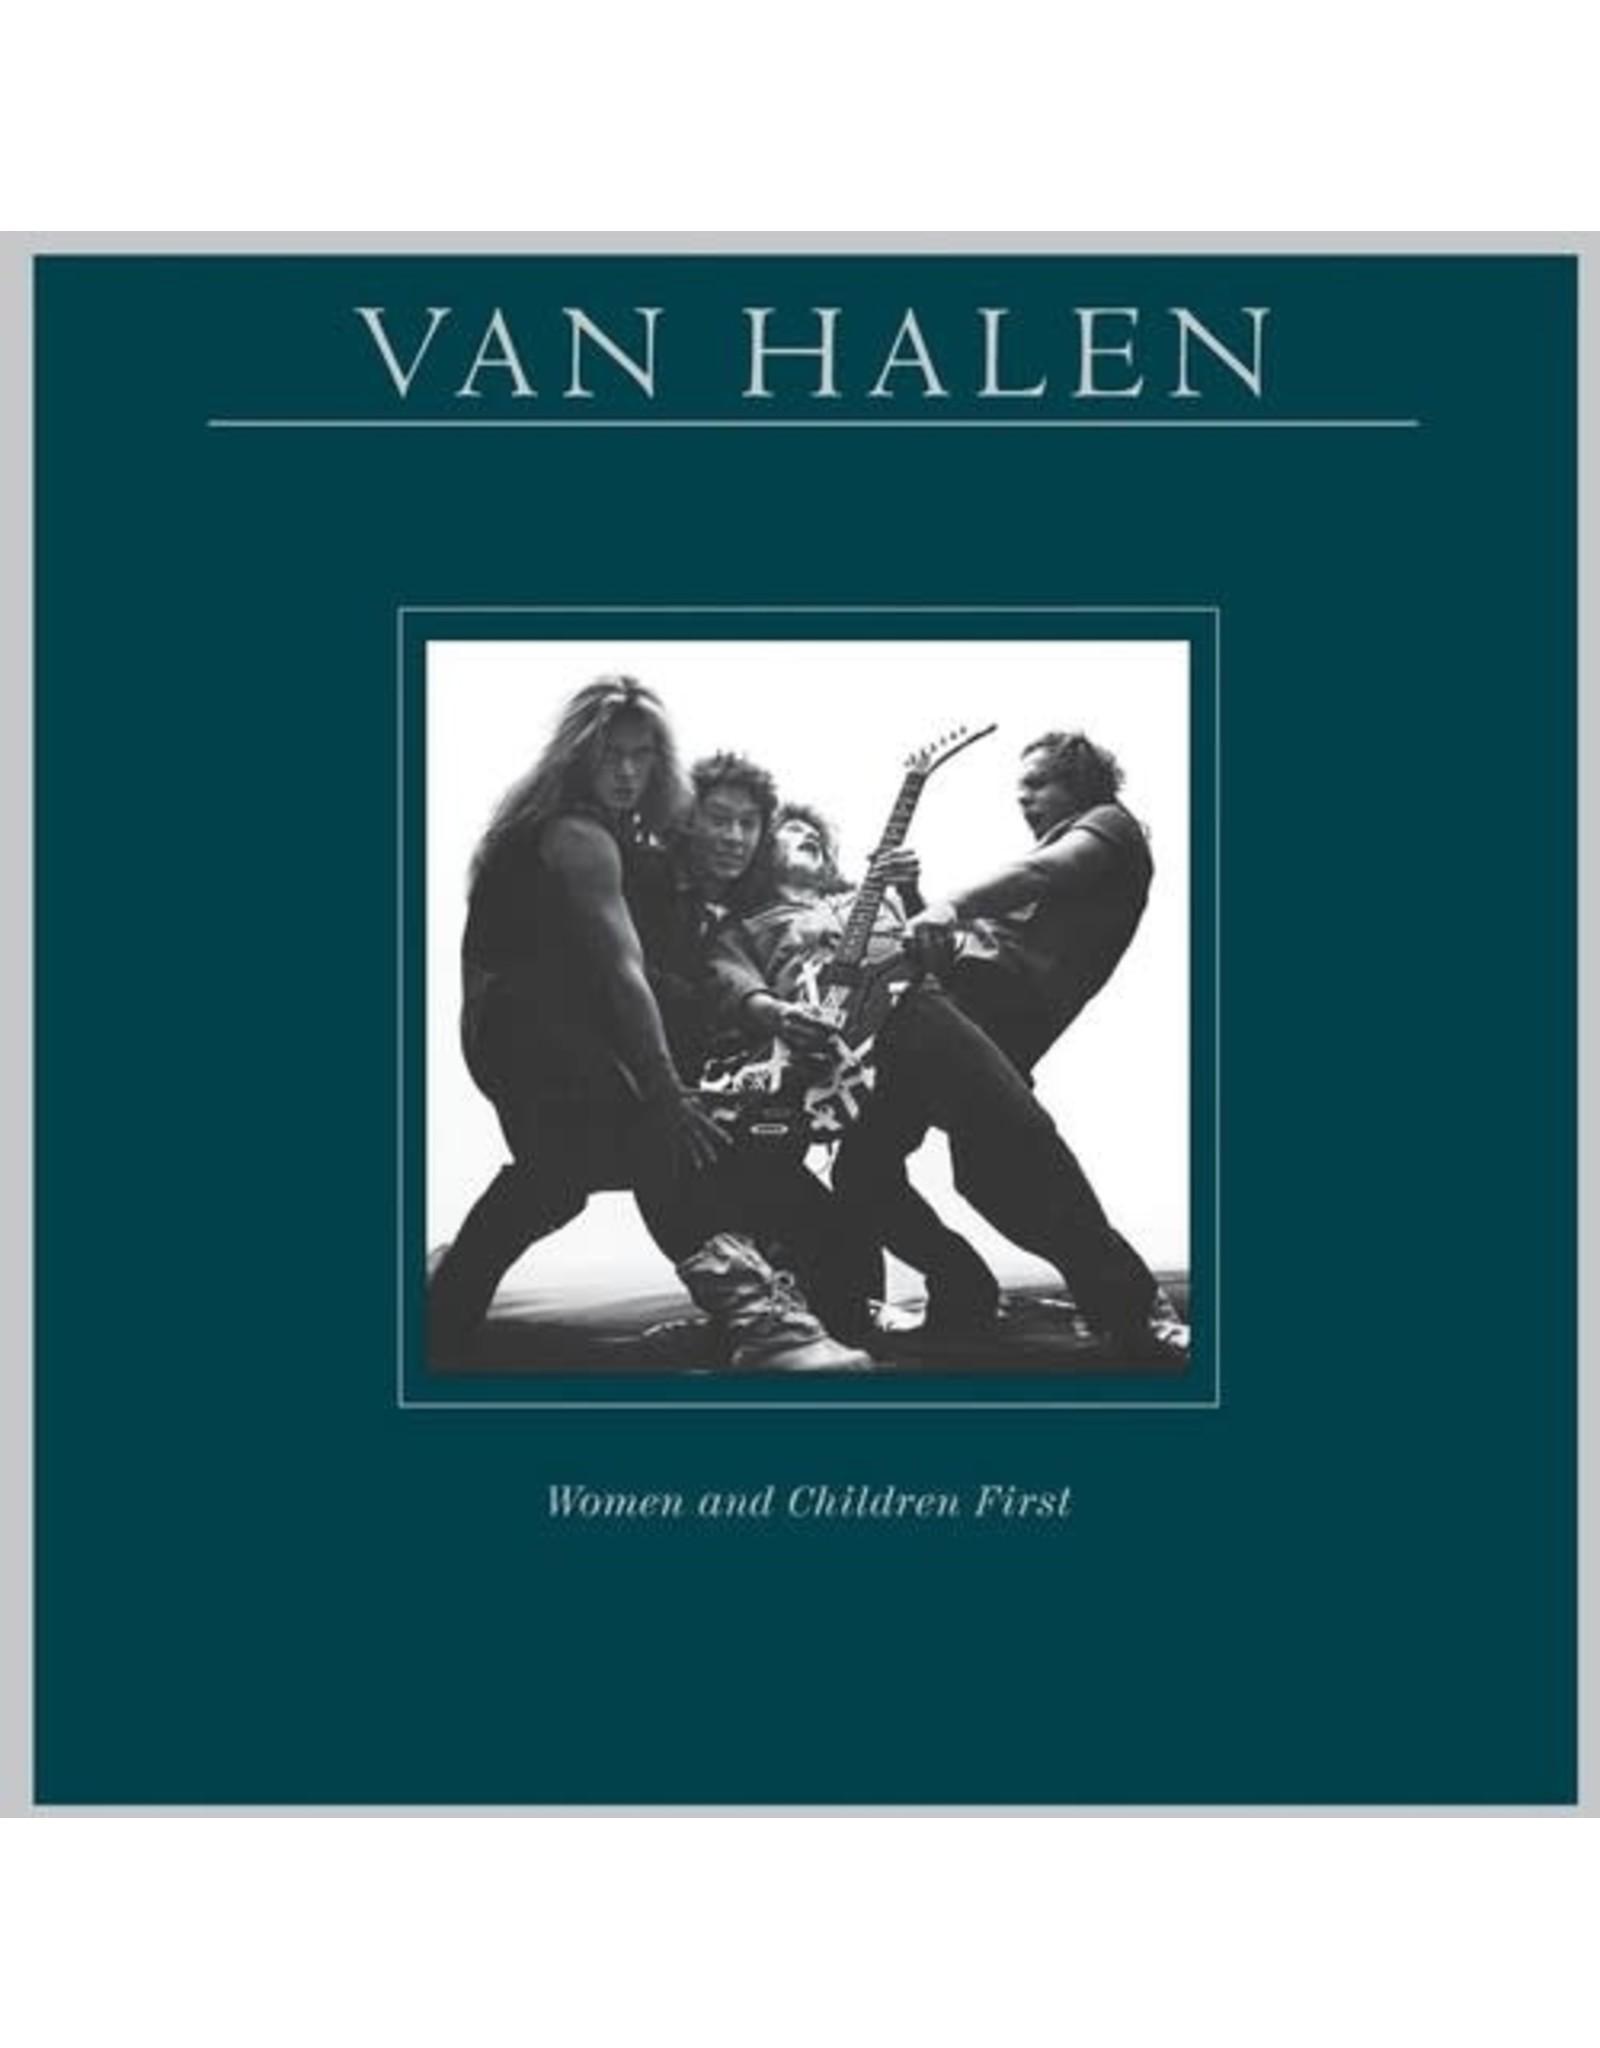 New Vinyl Van Halen - Women And Children First LP